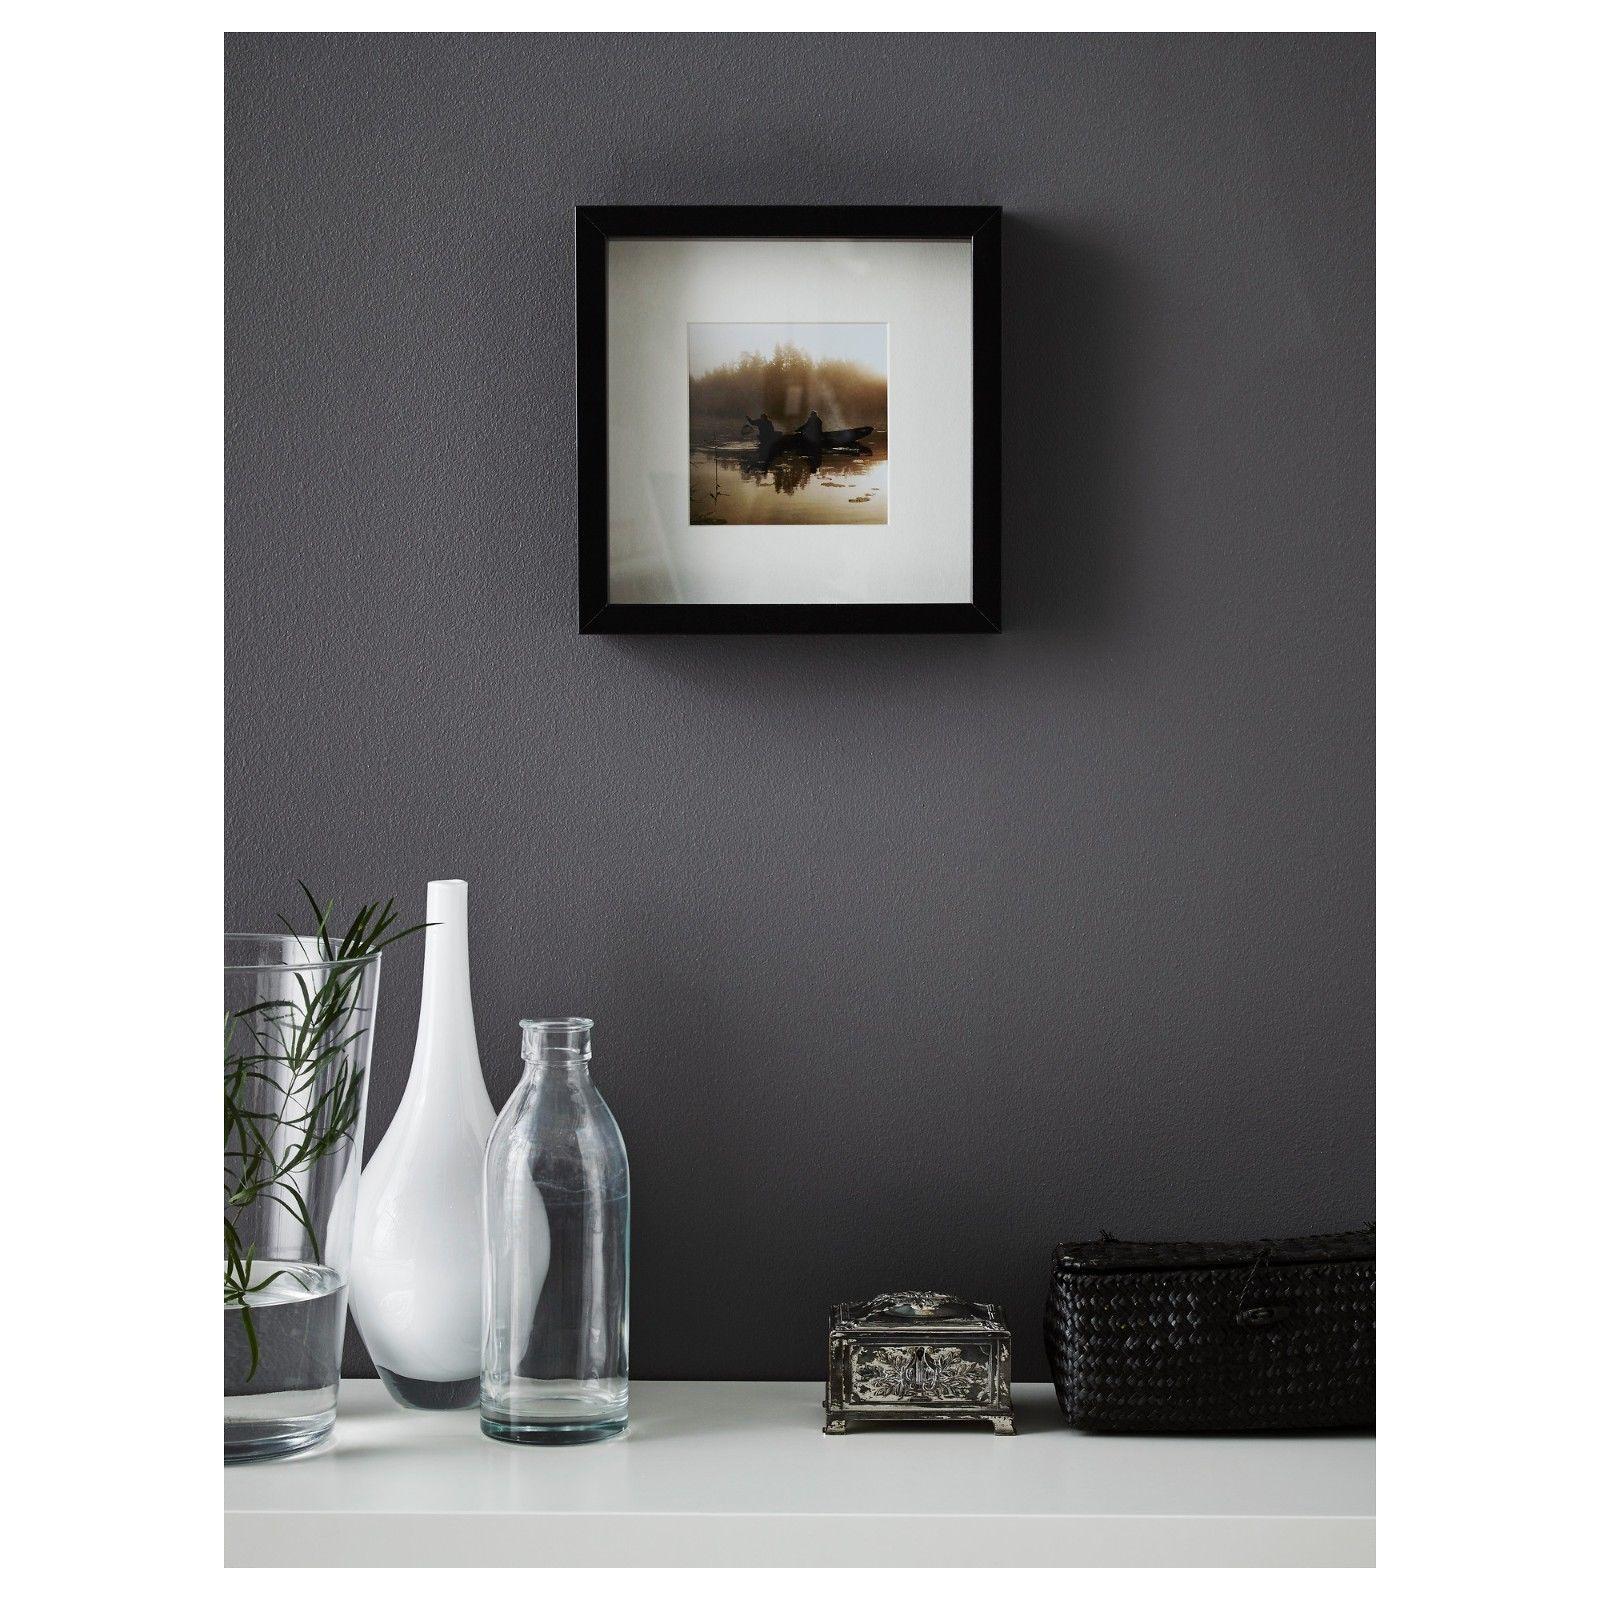 Details zu IKEA LIMHALL 13x18 cm Bilderrahmen Rahmen Passepartout ...